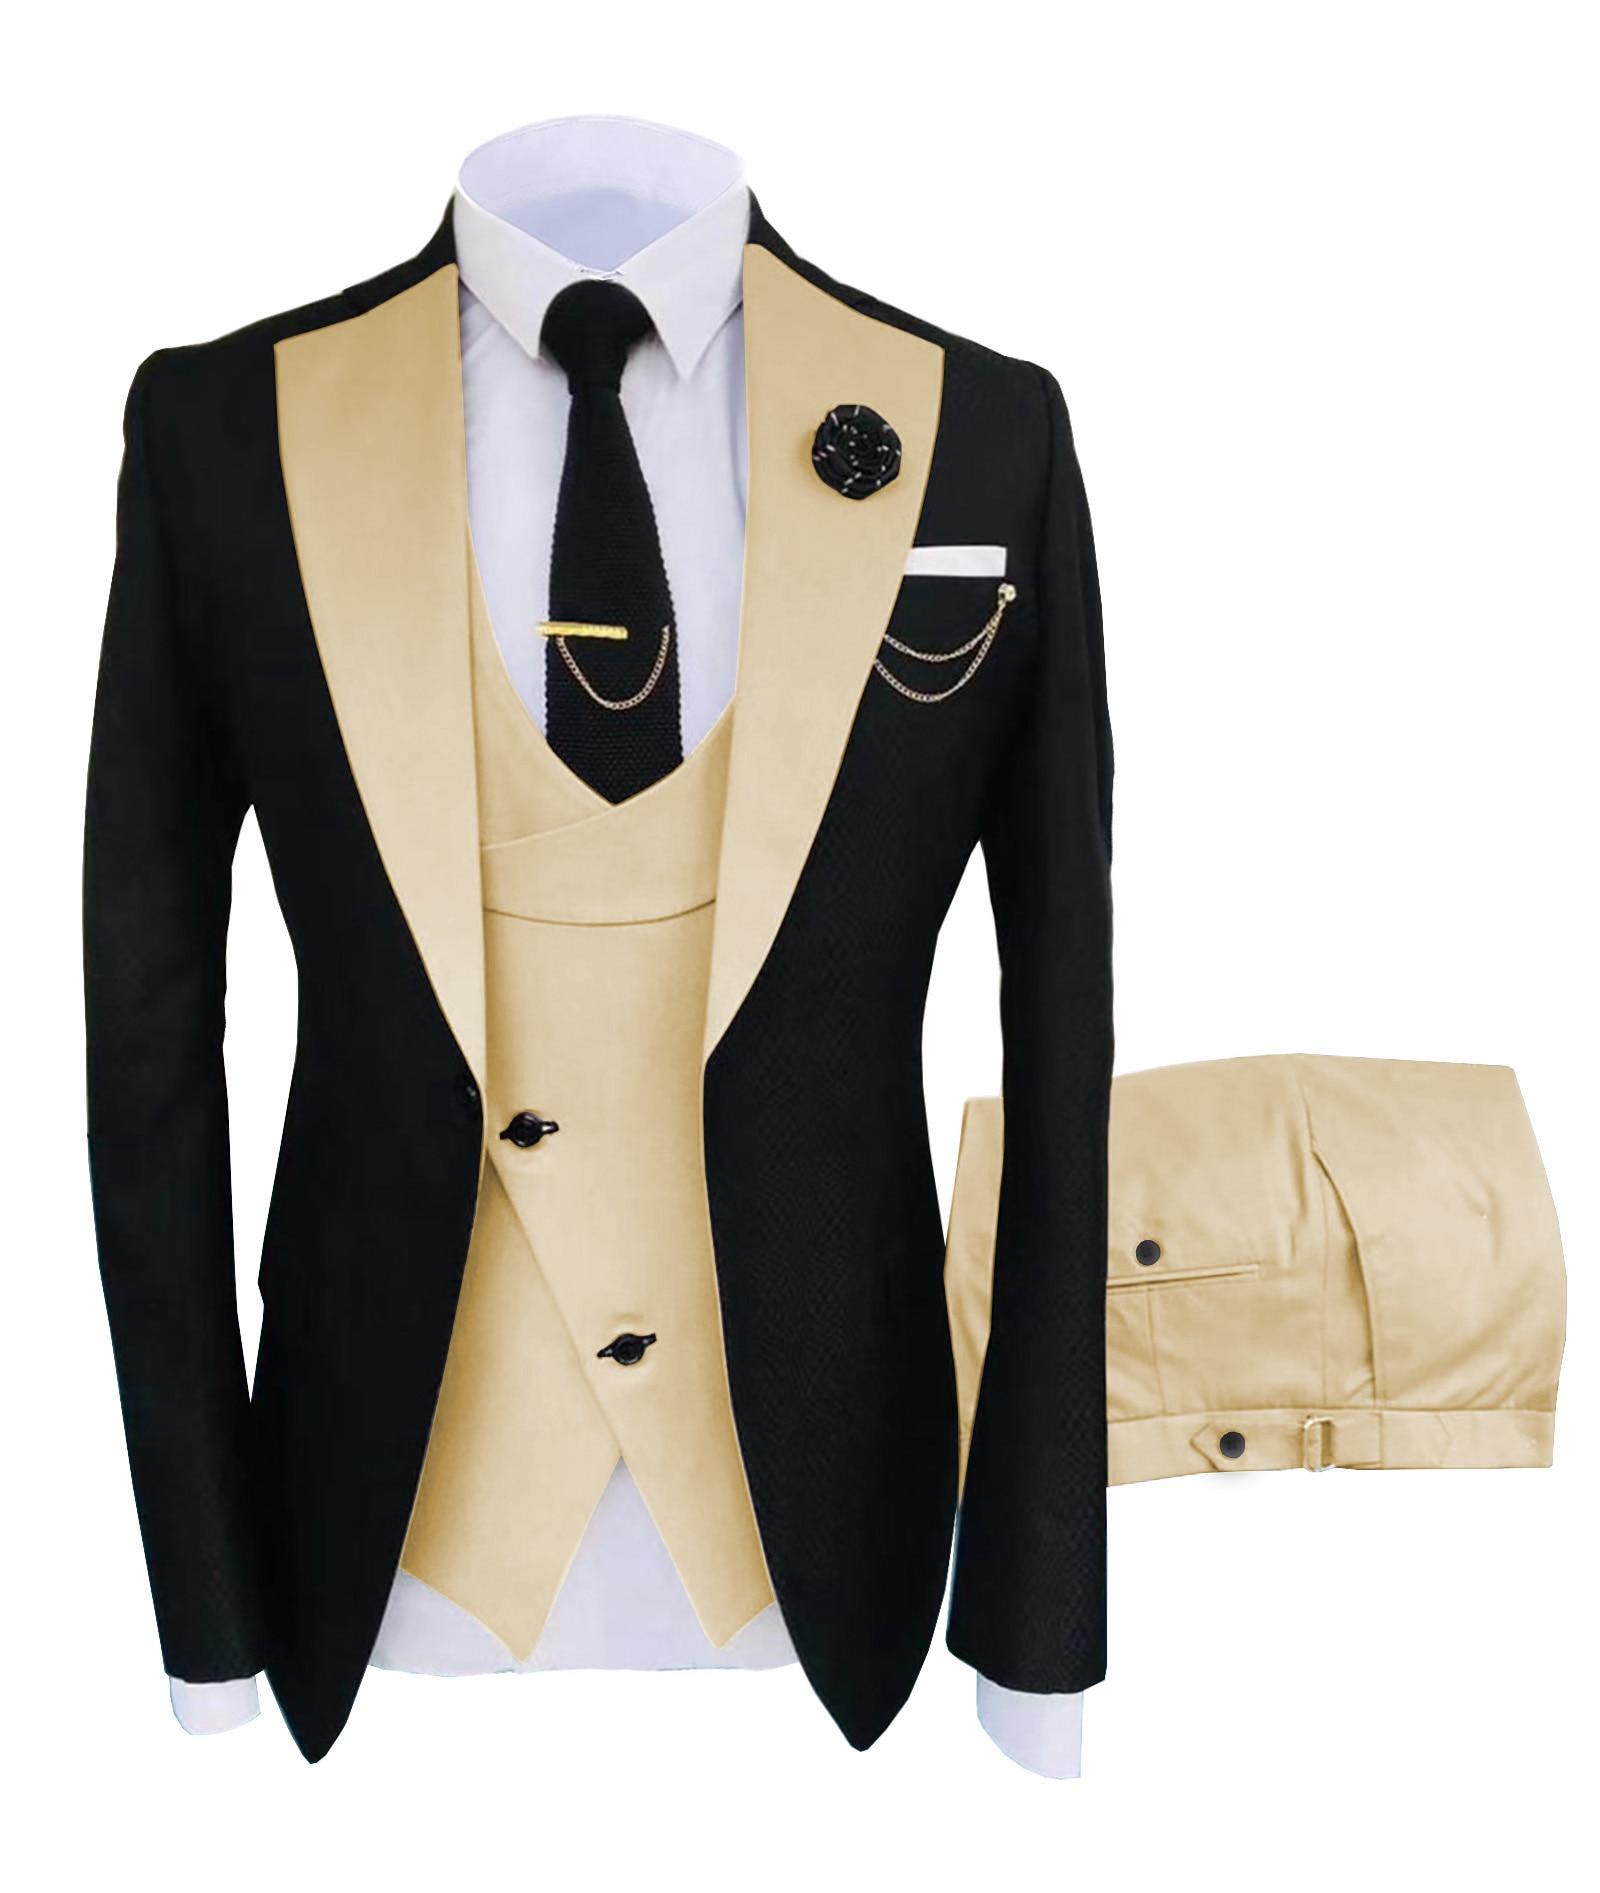 Модный мужской костюм из 3 предметов, деловые костюмы, блейзер + брюки + жилет для жениха на свадьбу, цвета шампанского бежевого